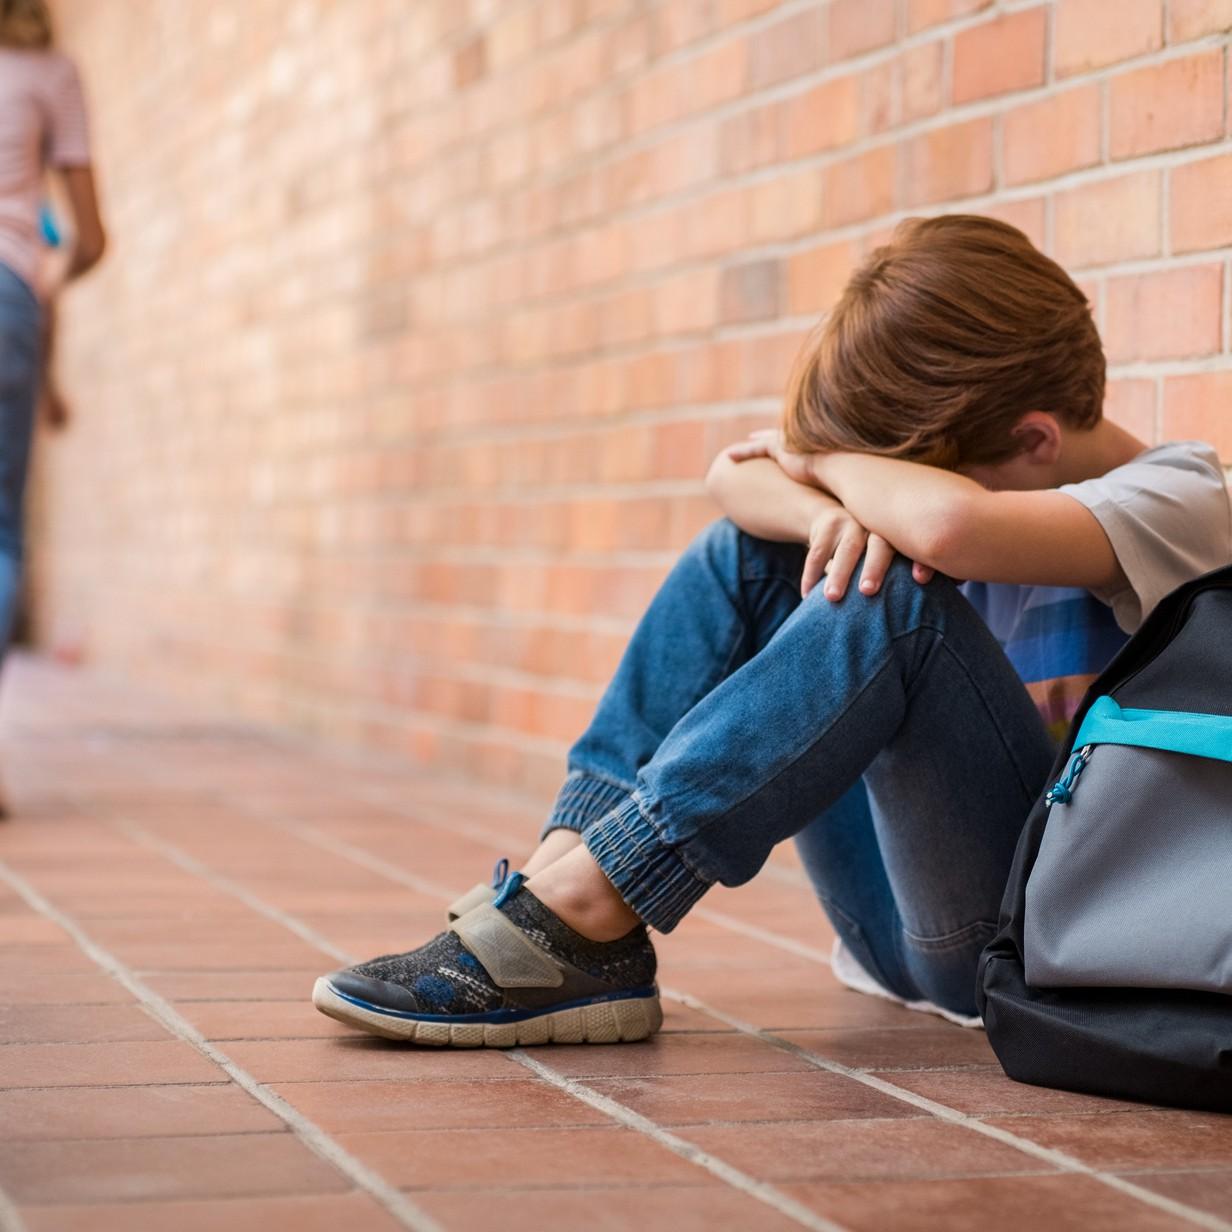 【コロナ禍の教育現場】子どもと教員のメンタルケアを放置するな